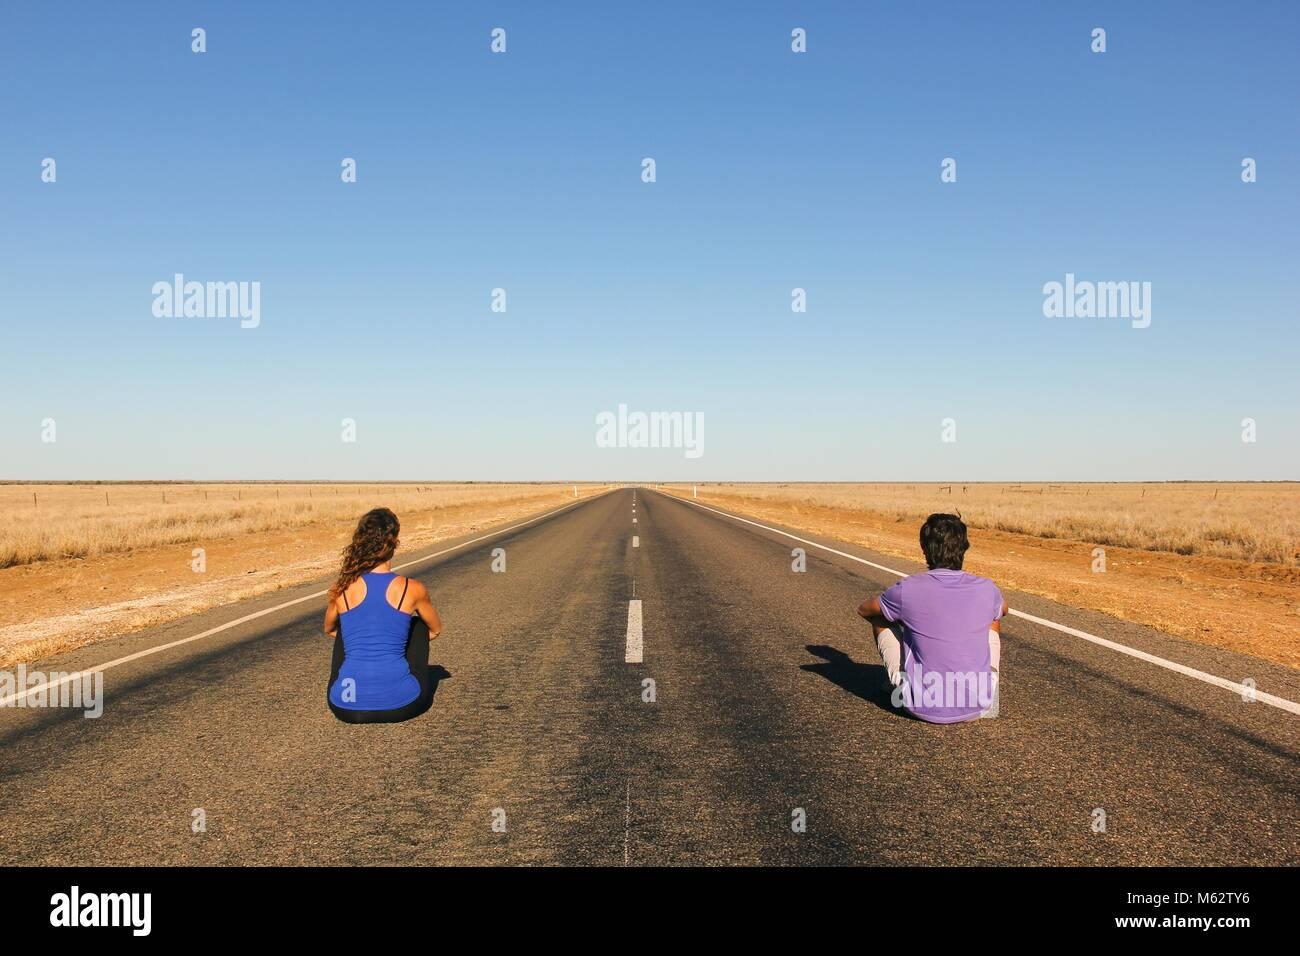 Jeune couple de derrière assis sur une ligne droite sans fin à vide, au milieu de nulle part dans l'arrière-pays australien. Backpackers, concept visionnaire Banque D'Images